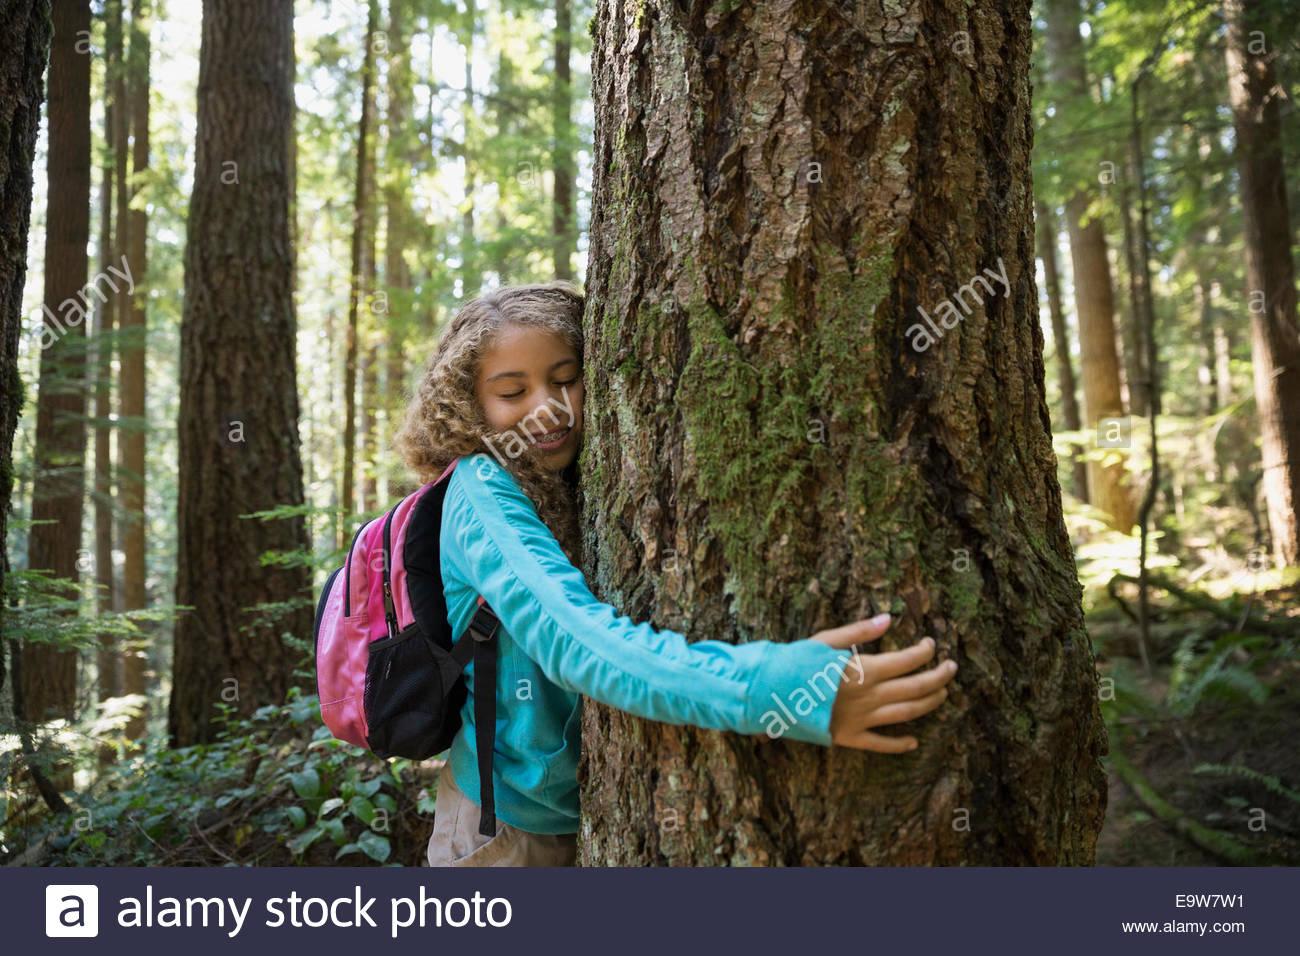 Mädchen mit Rucksack umarmt Baumstamm im Wald Stockbild